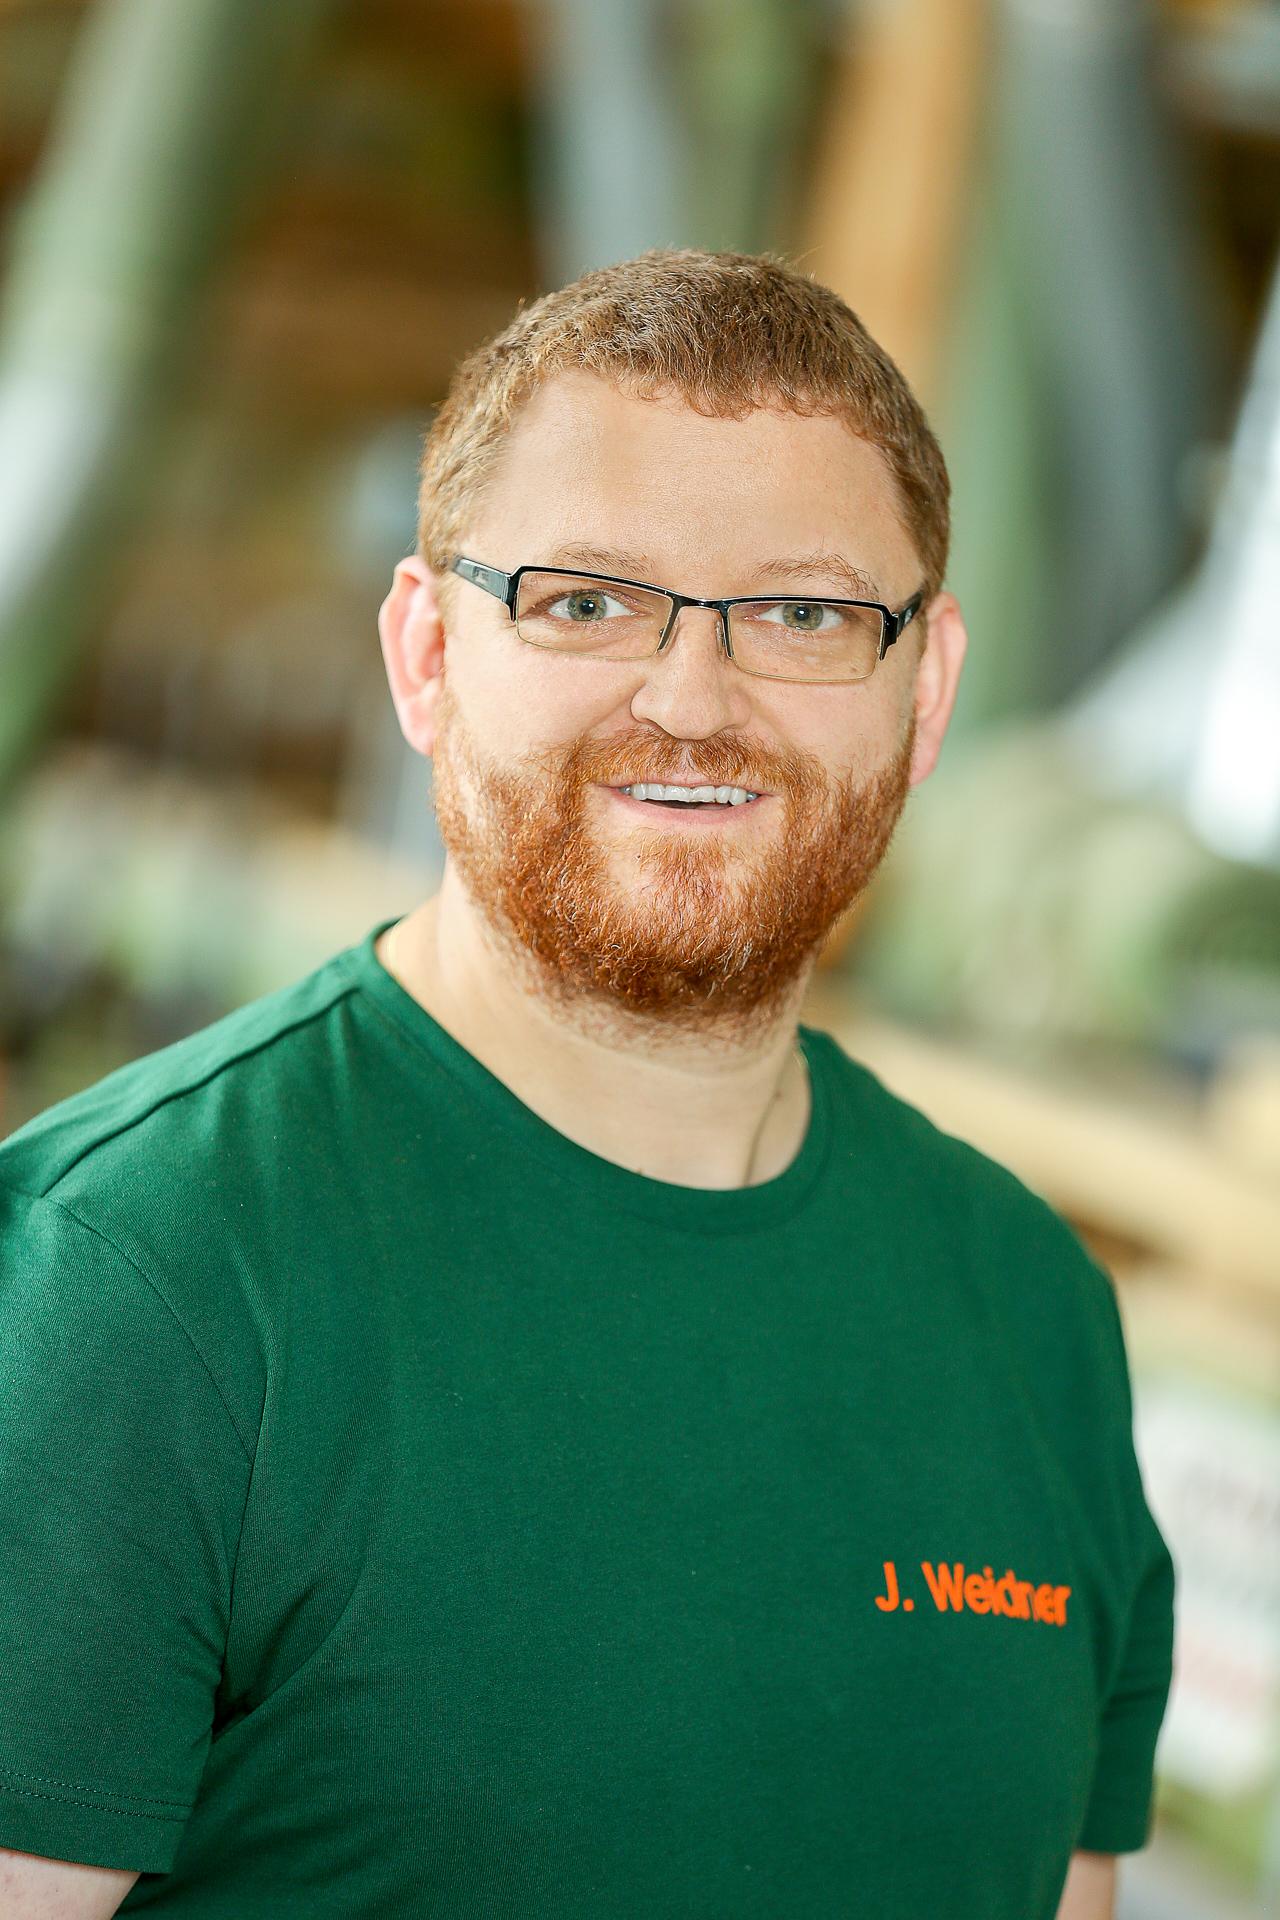 Josef Weidner